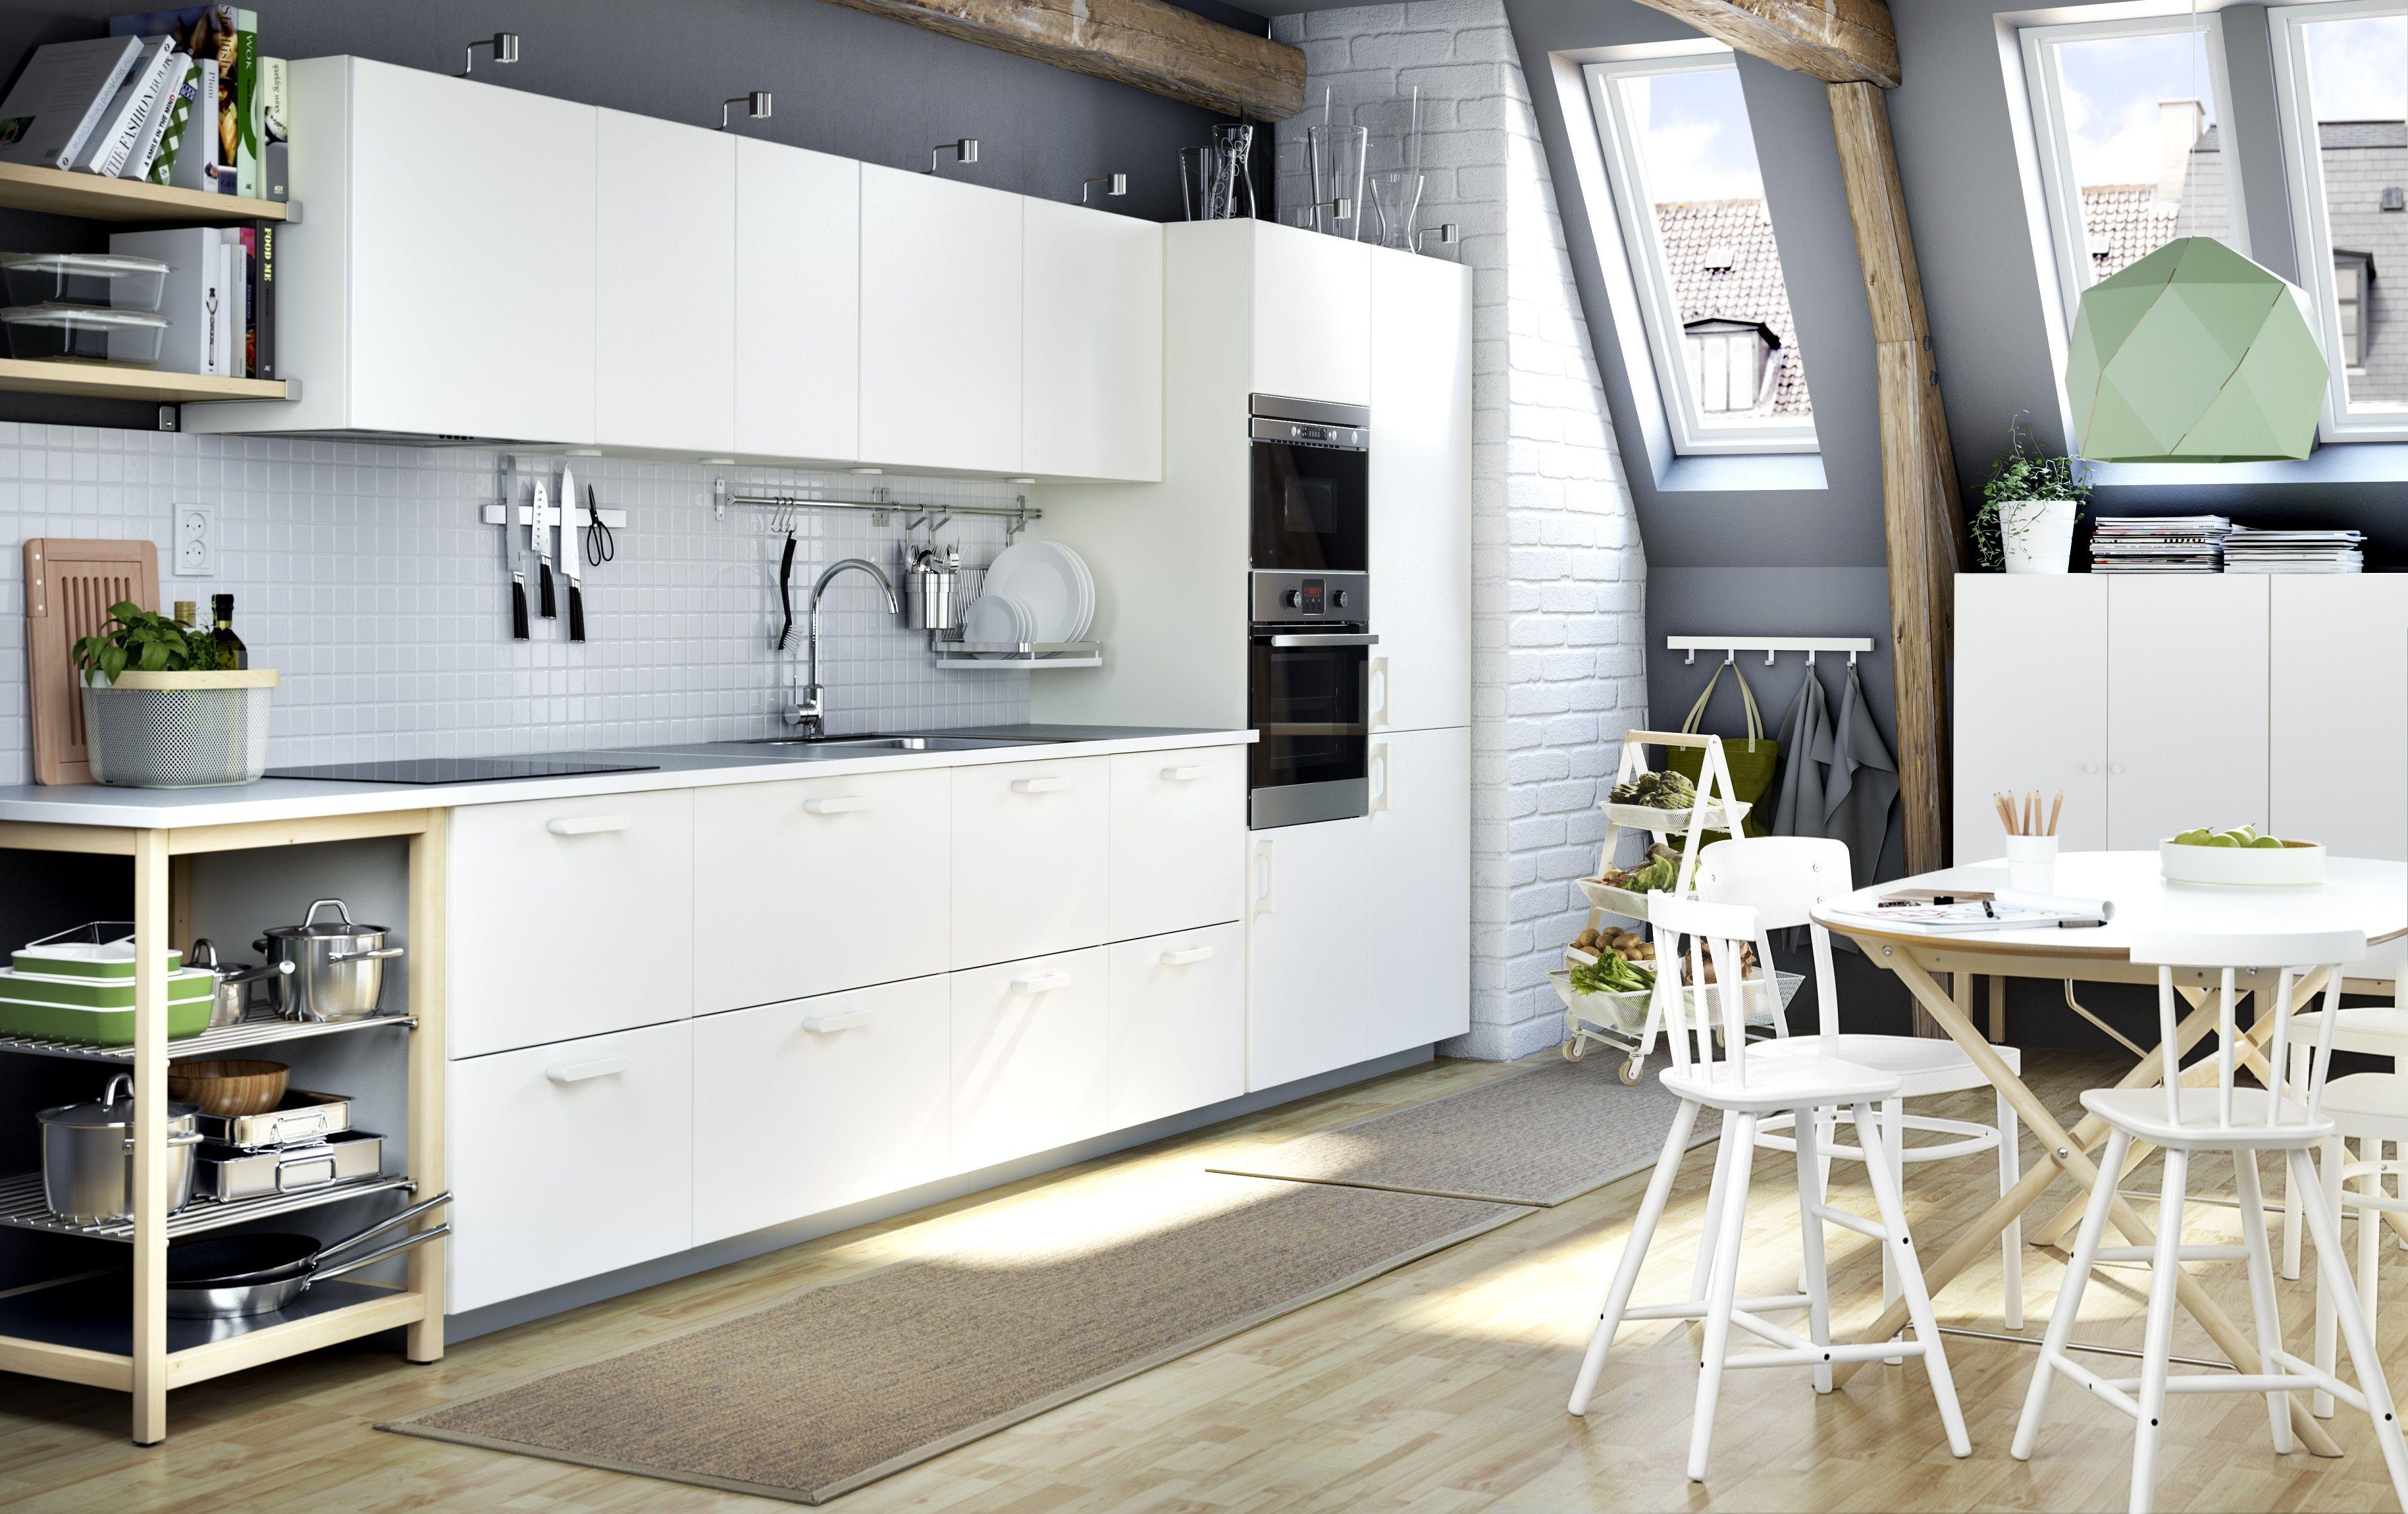 Metod Keuken Ikea : Metod keuken ikea ikeanl modern wit keukensysteem